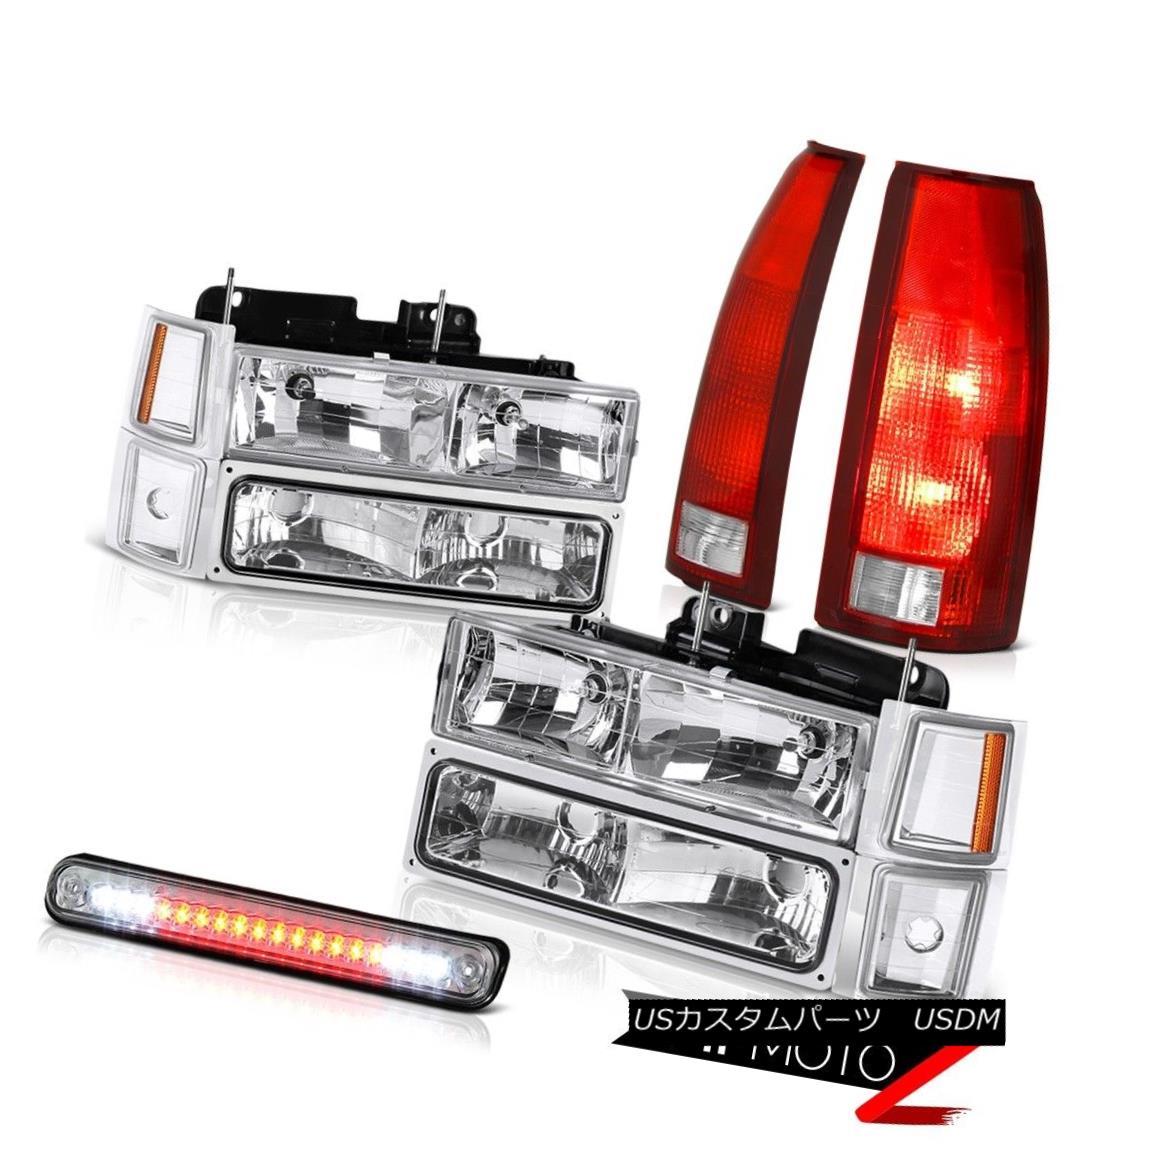 NEW 94-98 99-04 Mustang Rear License Plate Light Lamp Lens EACH